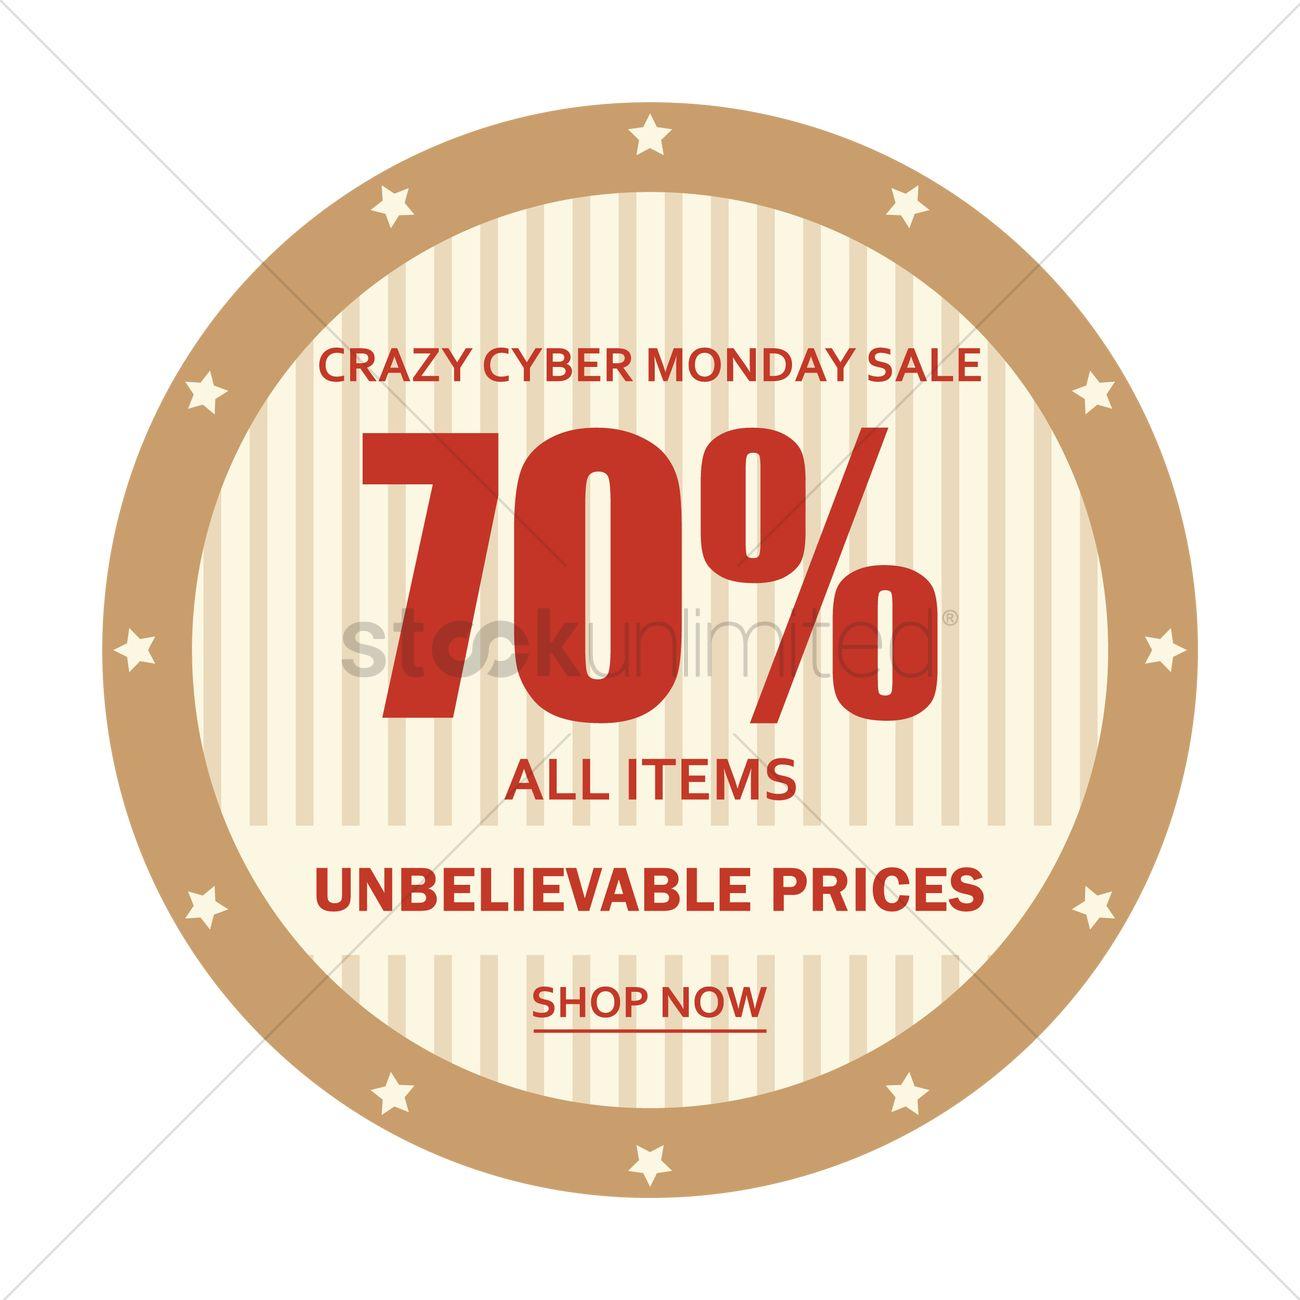 cfcf1e10dfa Cyber monday sale sticker Vector Image - 1707804 | StockUnlimited